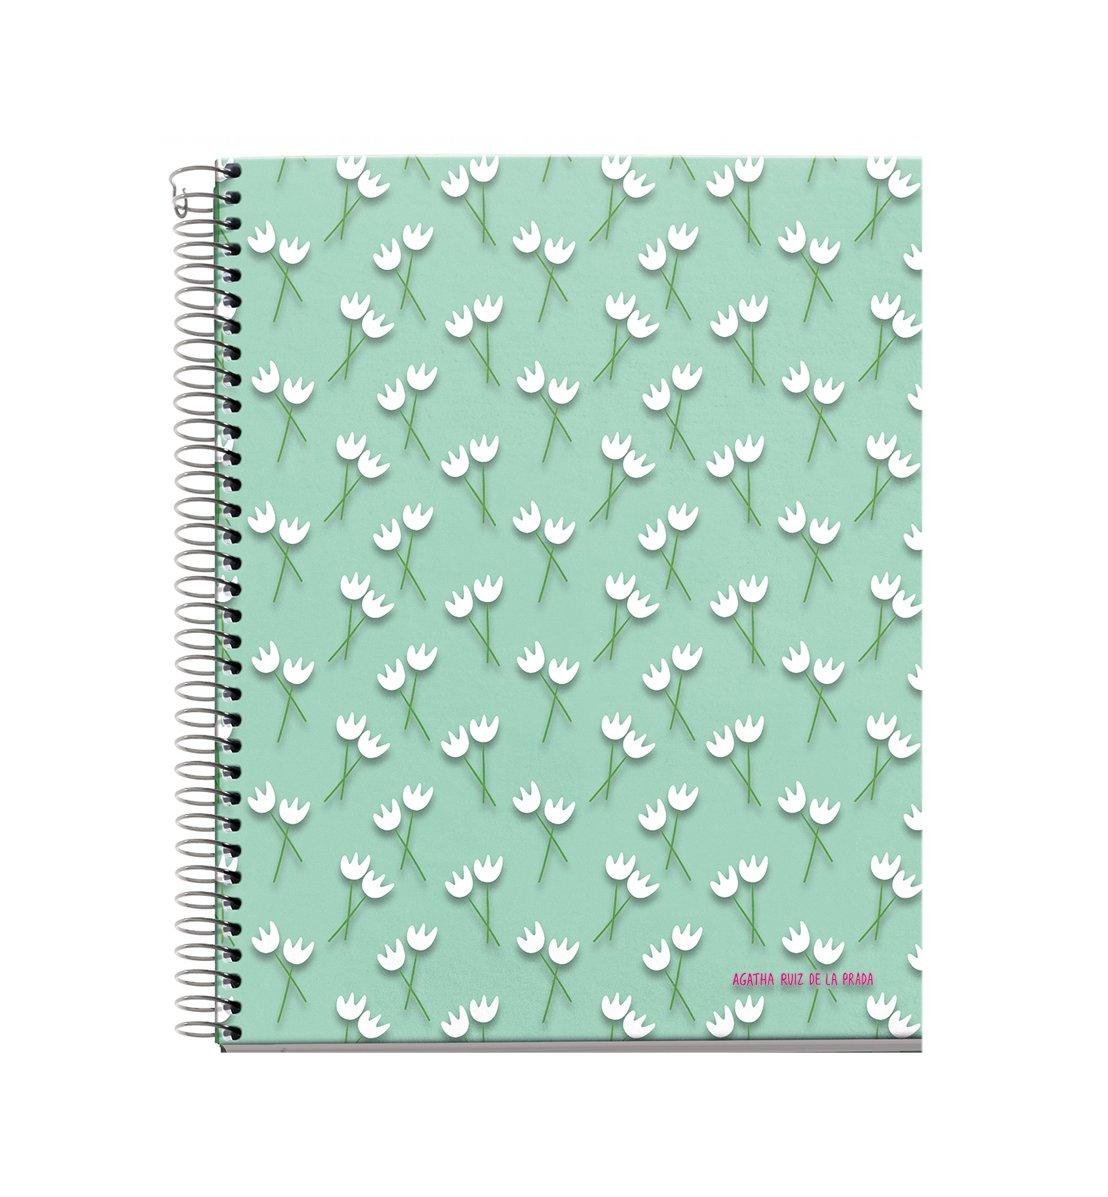 Agatha Ruiz De La Prada 48071–Notebook 4cartone Tulipani, DIN A4, 210x 297mm, 70g/m², 120fogli, a righe) MIQUEL-RIUS